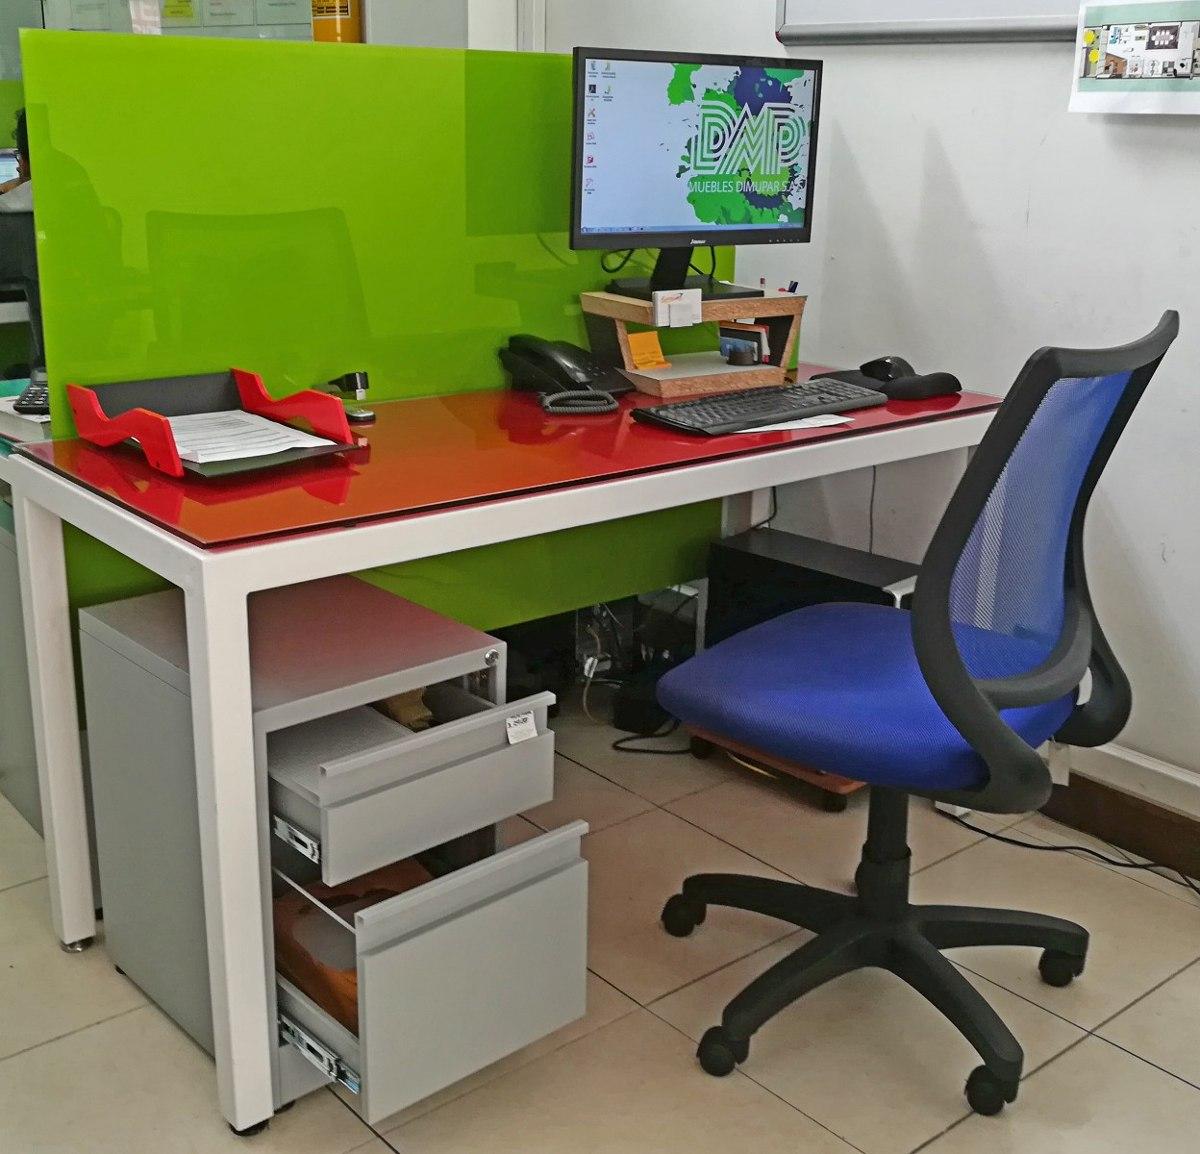 Oferta Muebles Oficina Dimupar 250 000 En Mercado Libre # Muebles Suba Bogota